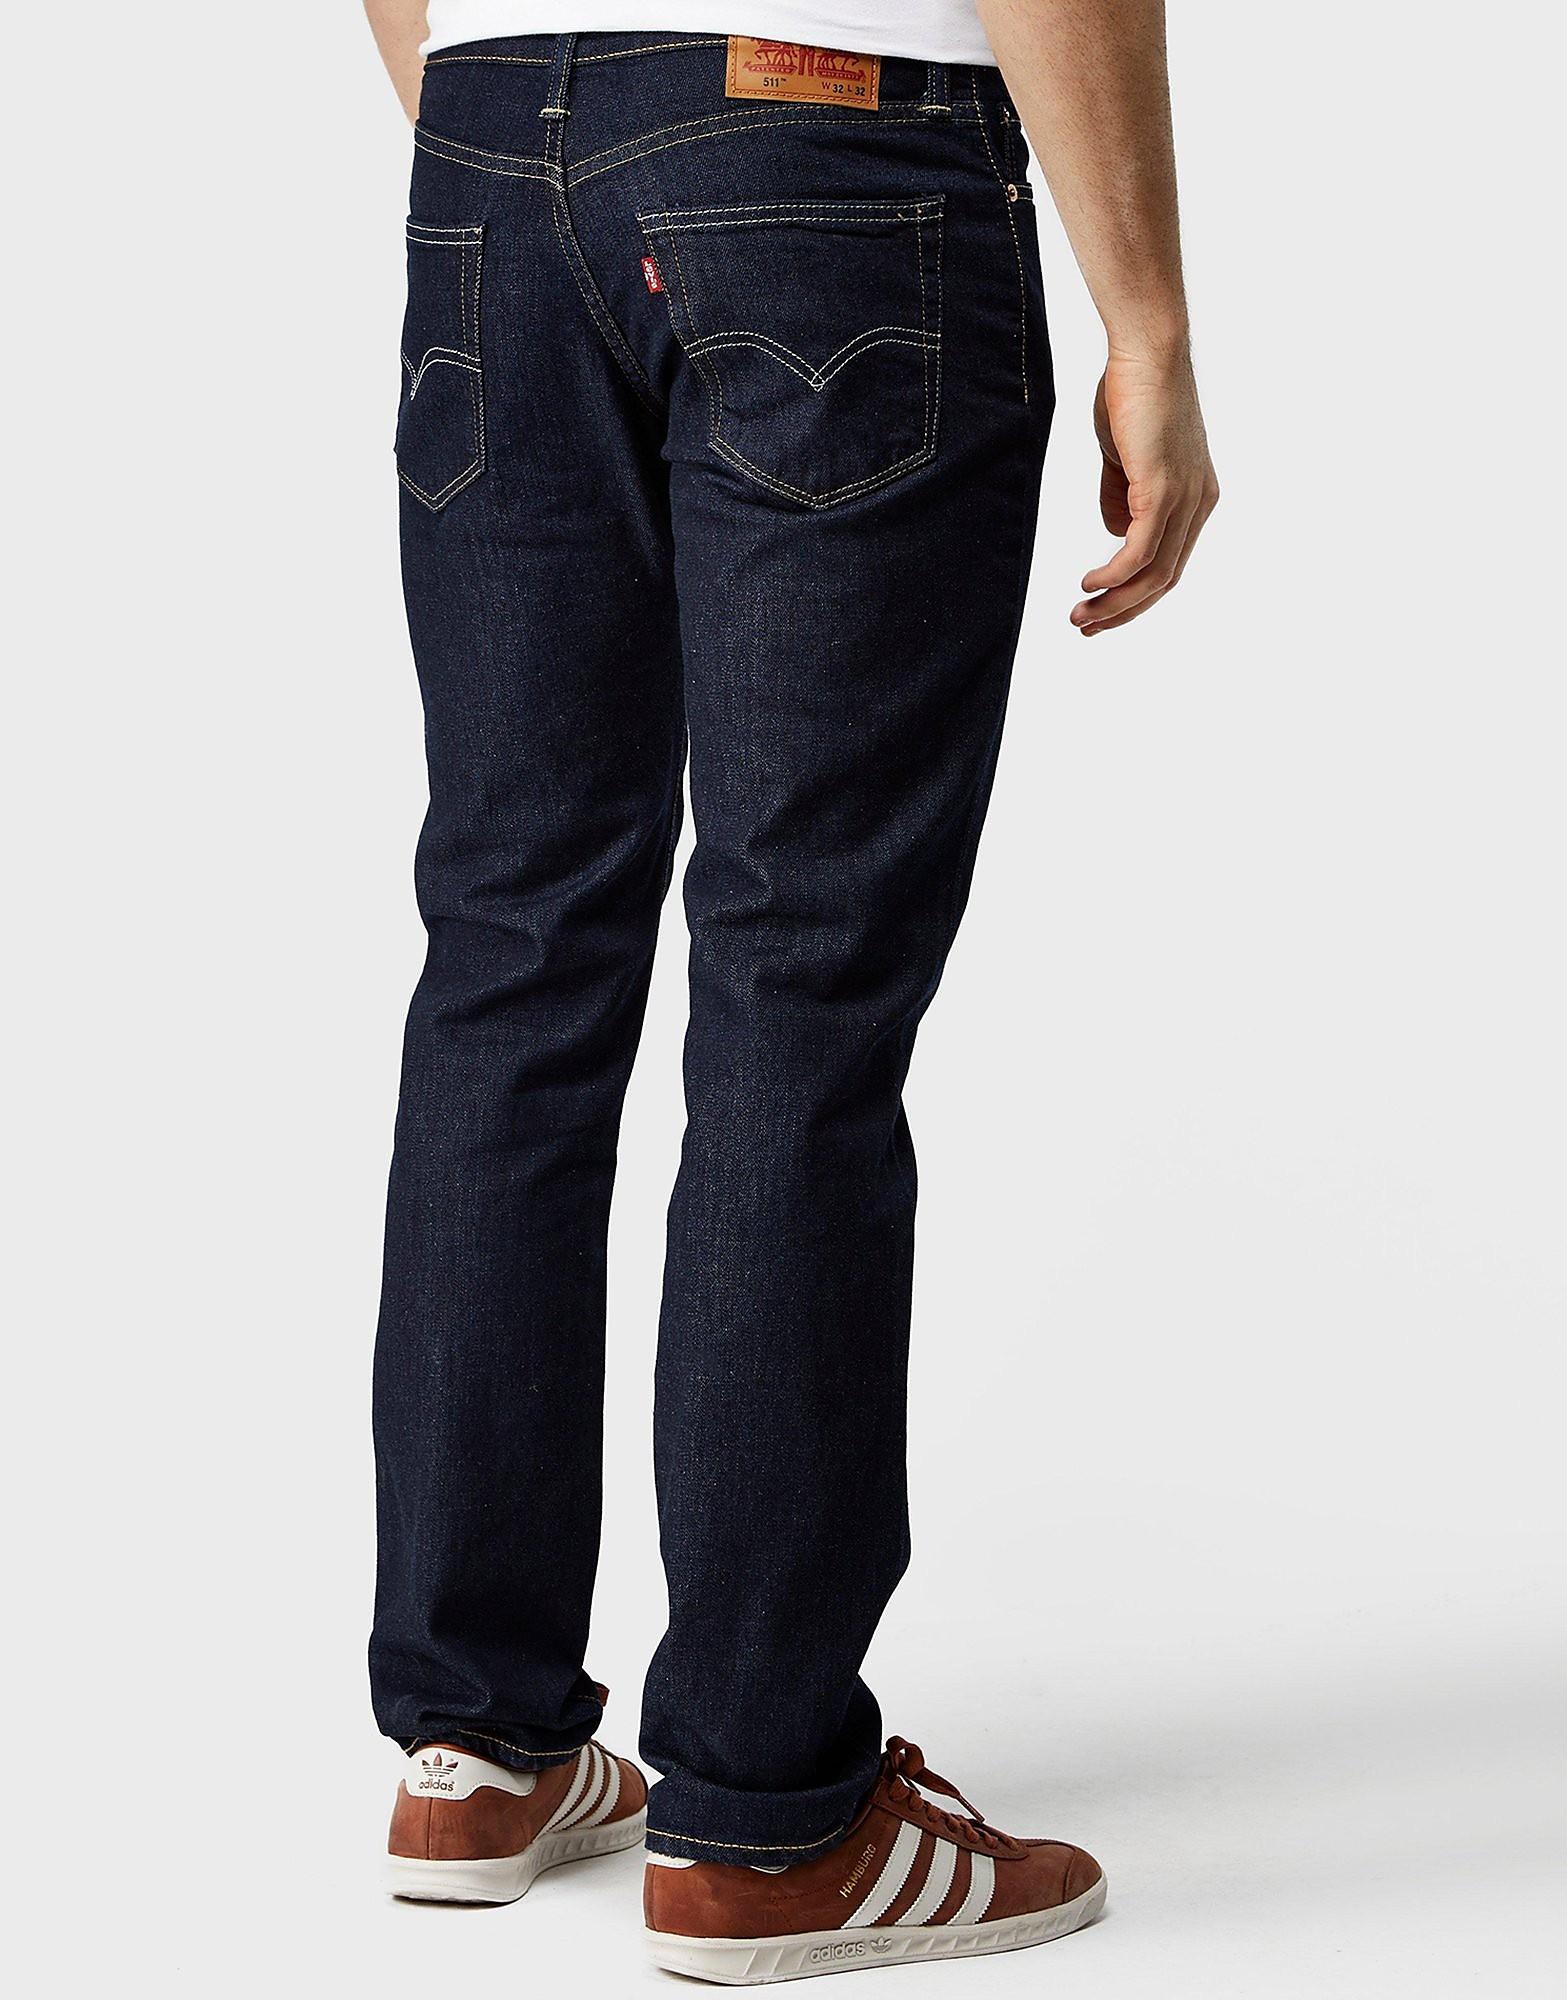 Levis 511 Slim Fit Jeans